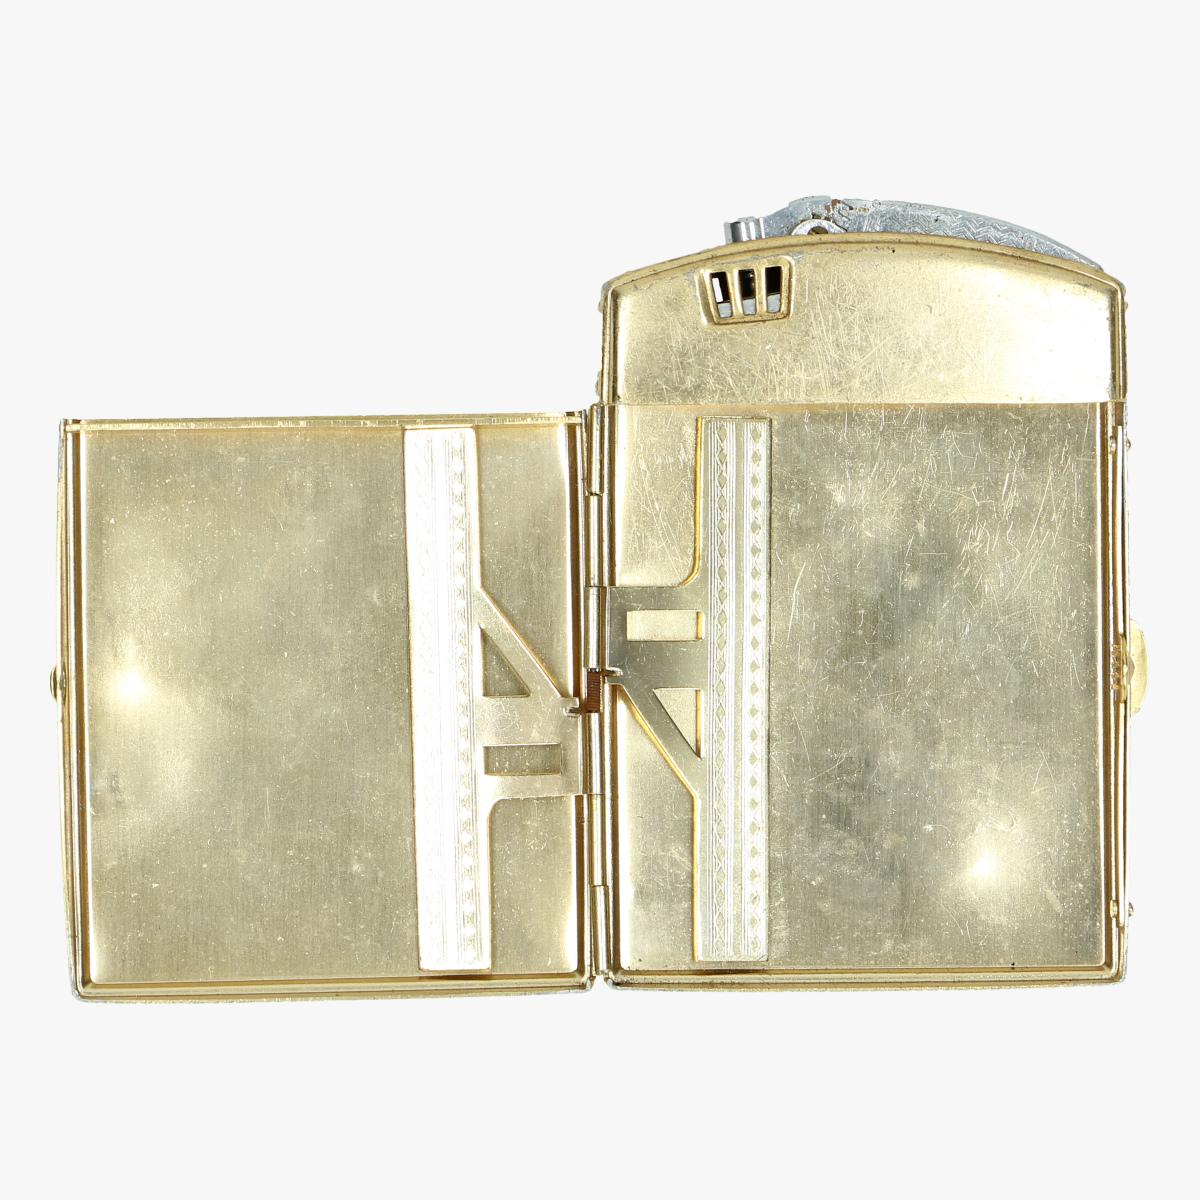 Afbeeldingen van sigarette doos met aansteker